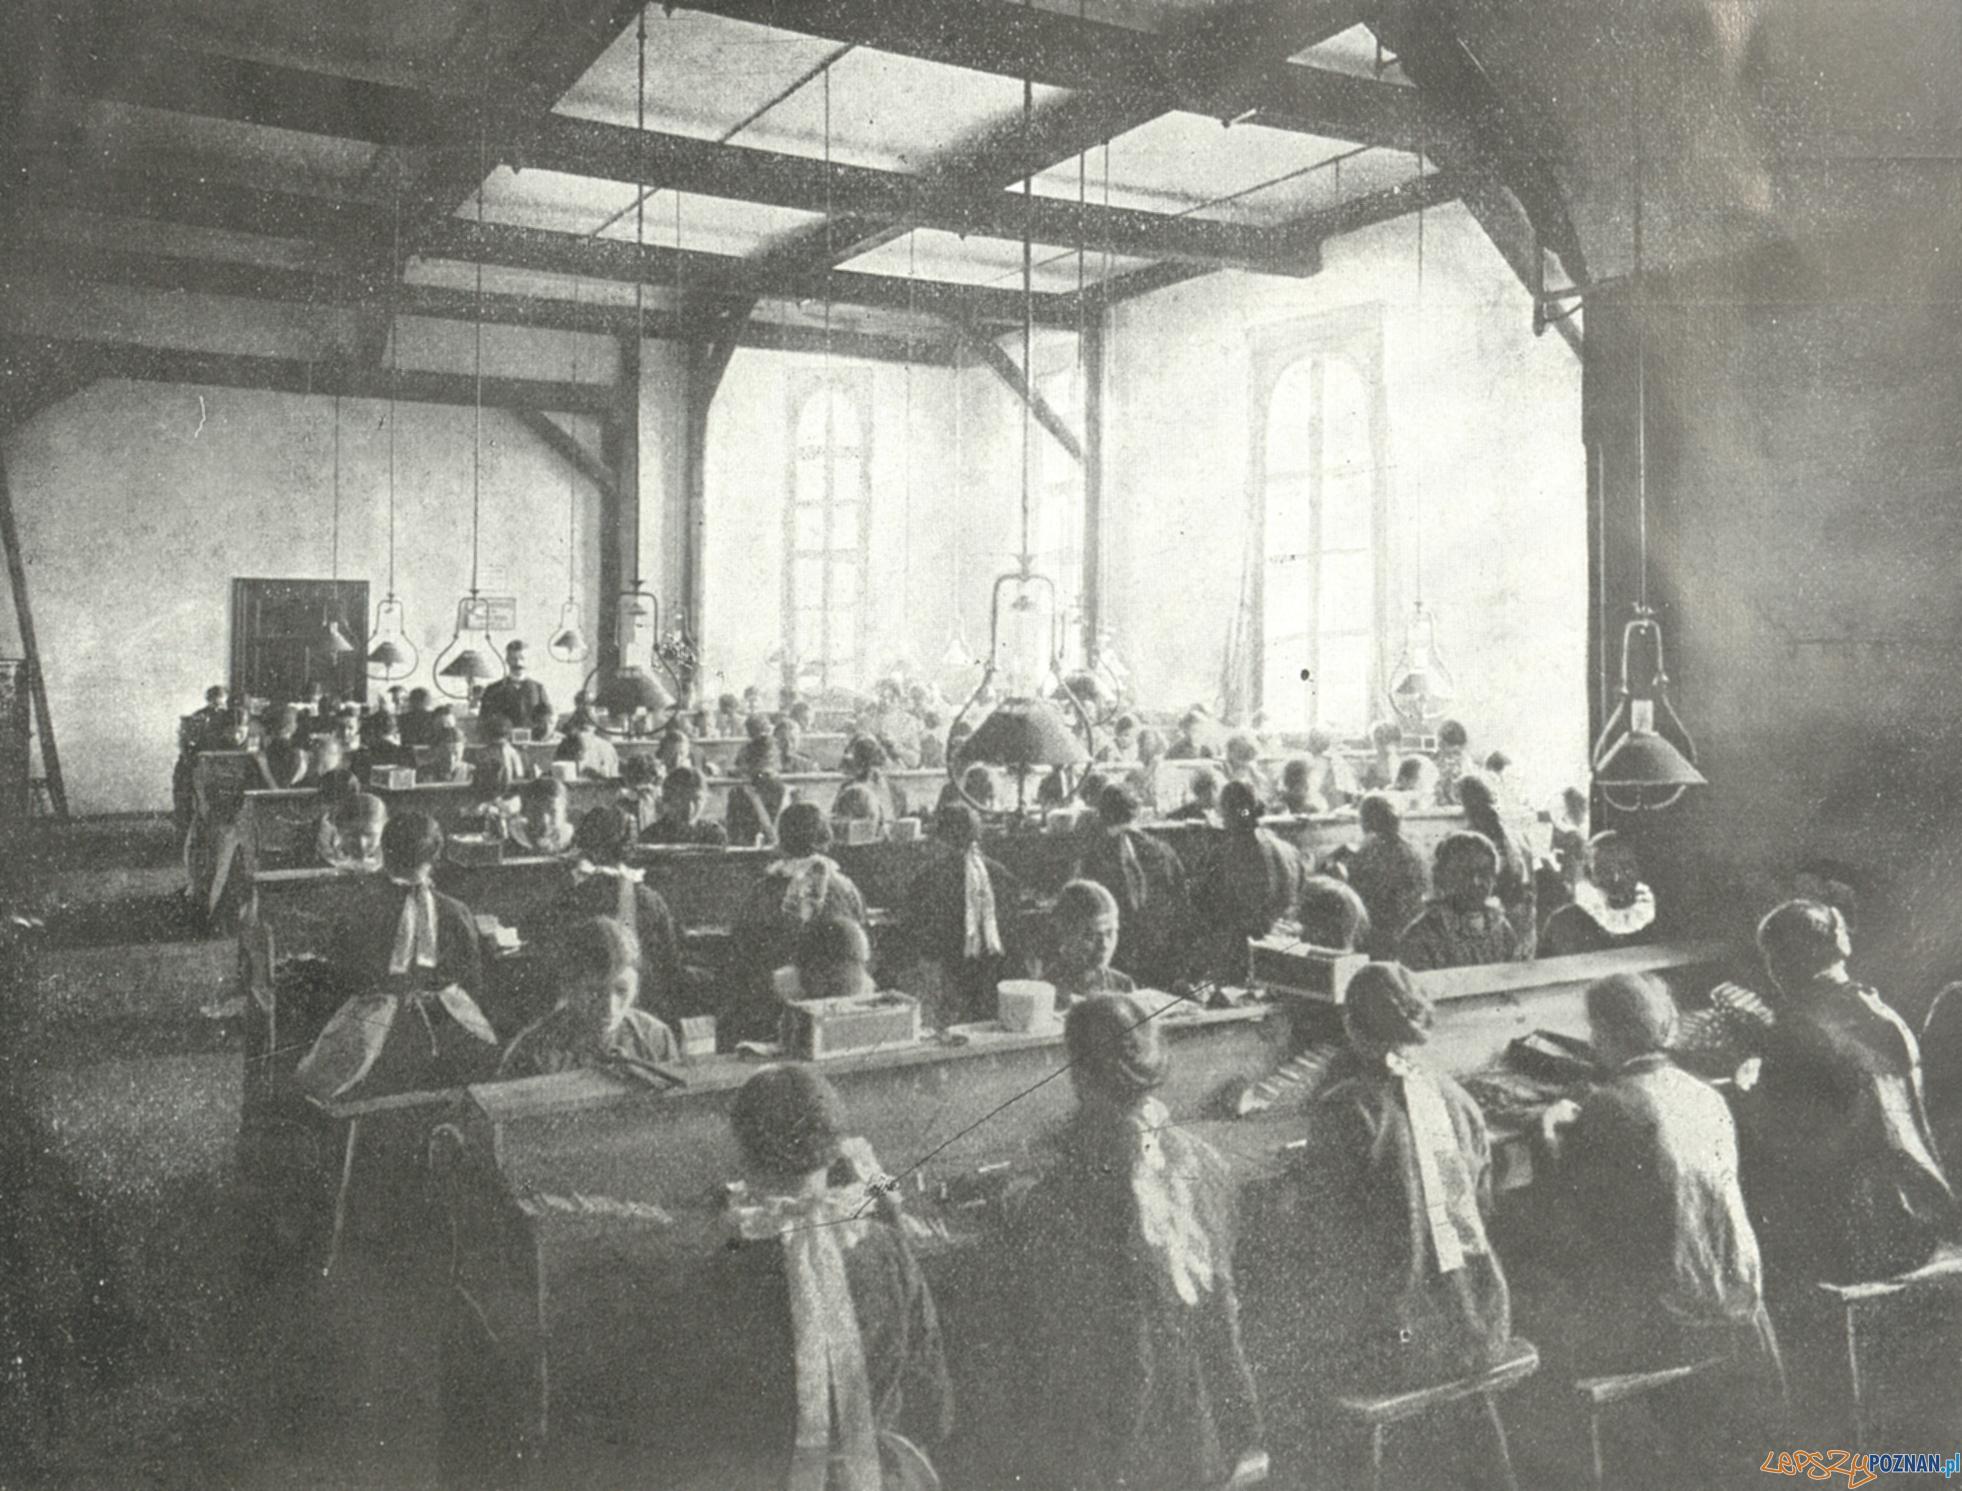 Fabryka papierosów Patria  Foto: Album przemysłu i handlu 1906 / wikipedia CC